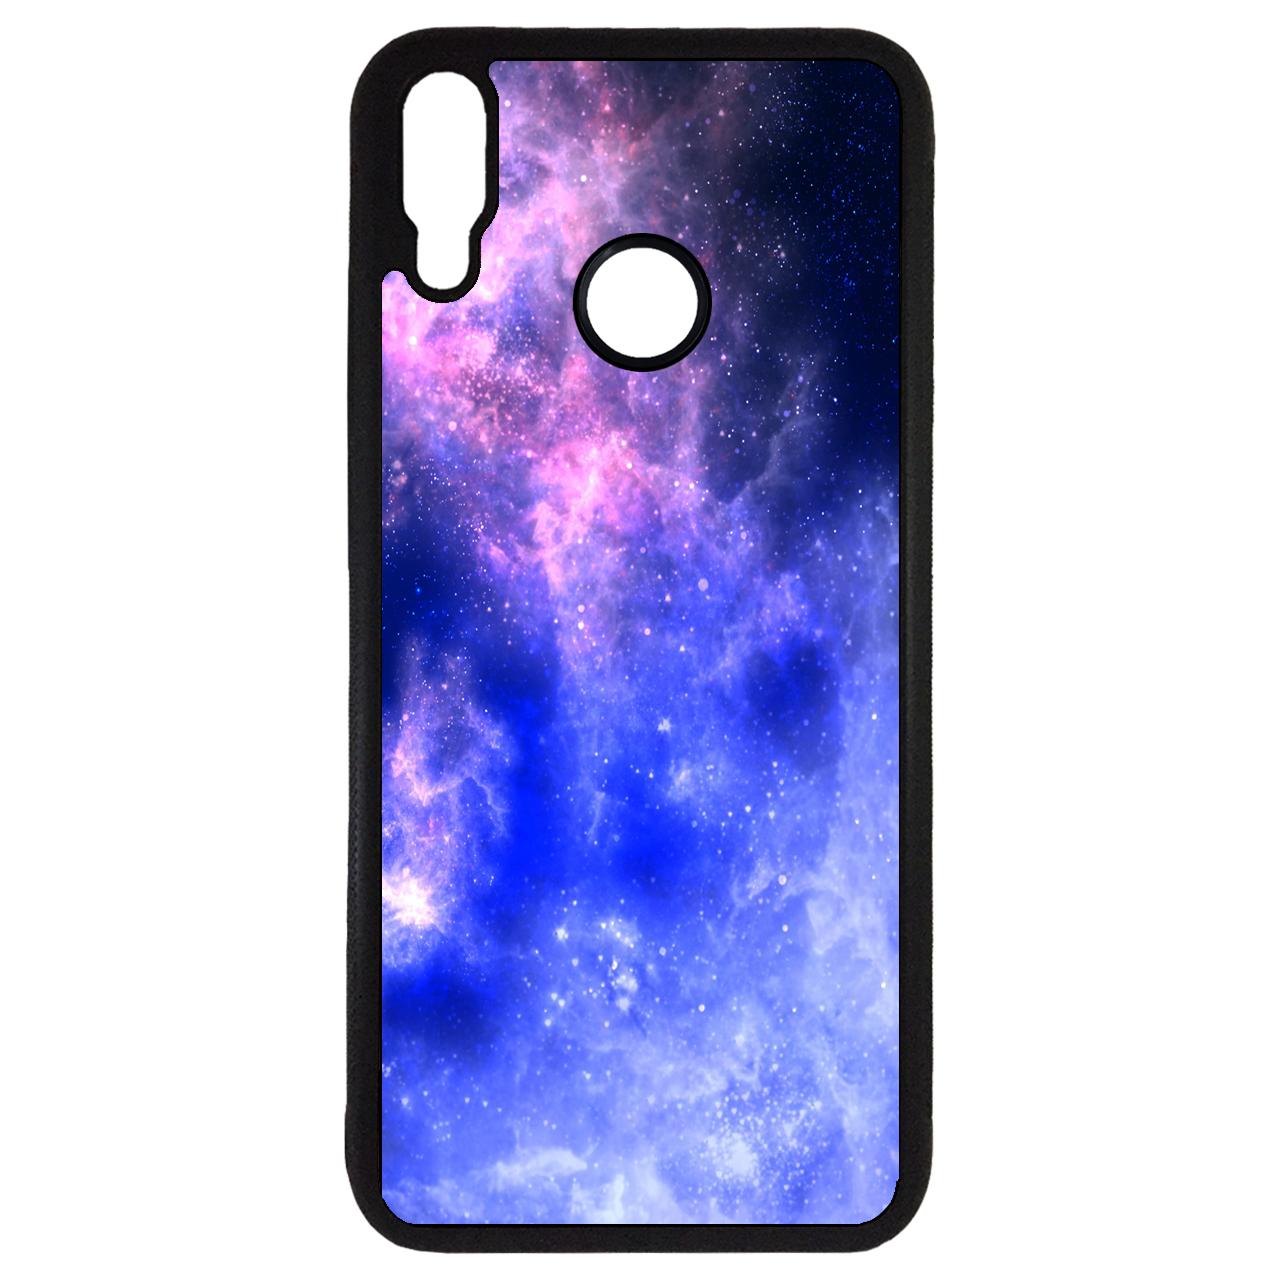 کاور طرح کهکشان کد 11050646 مناسب برای گوشی موبایل سامسونگ galaxy a10s